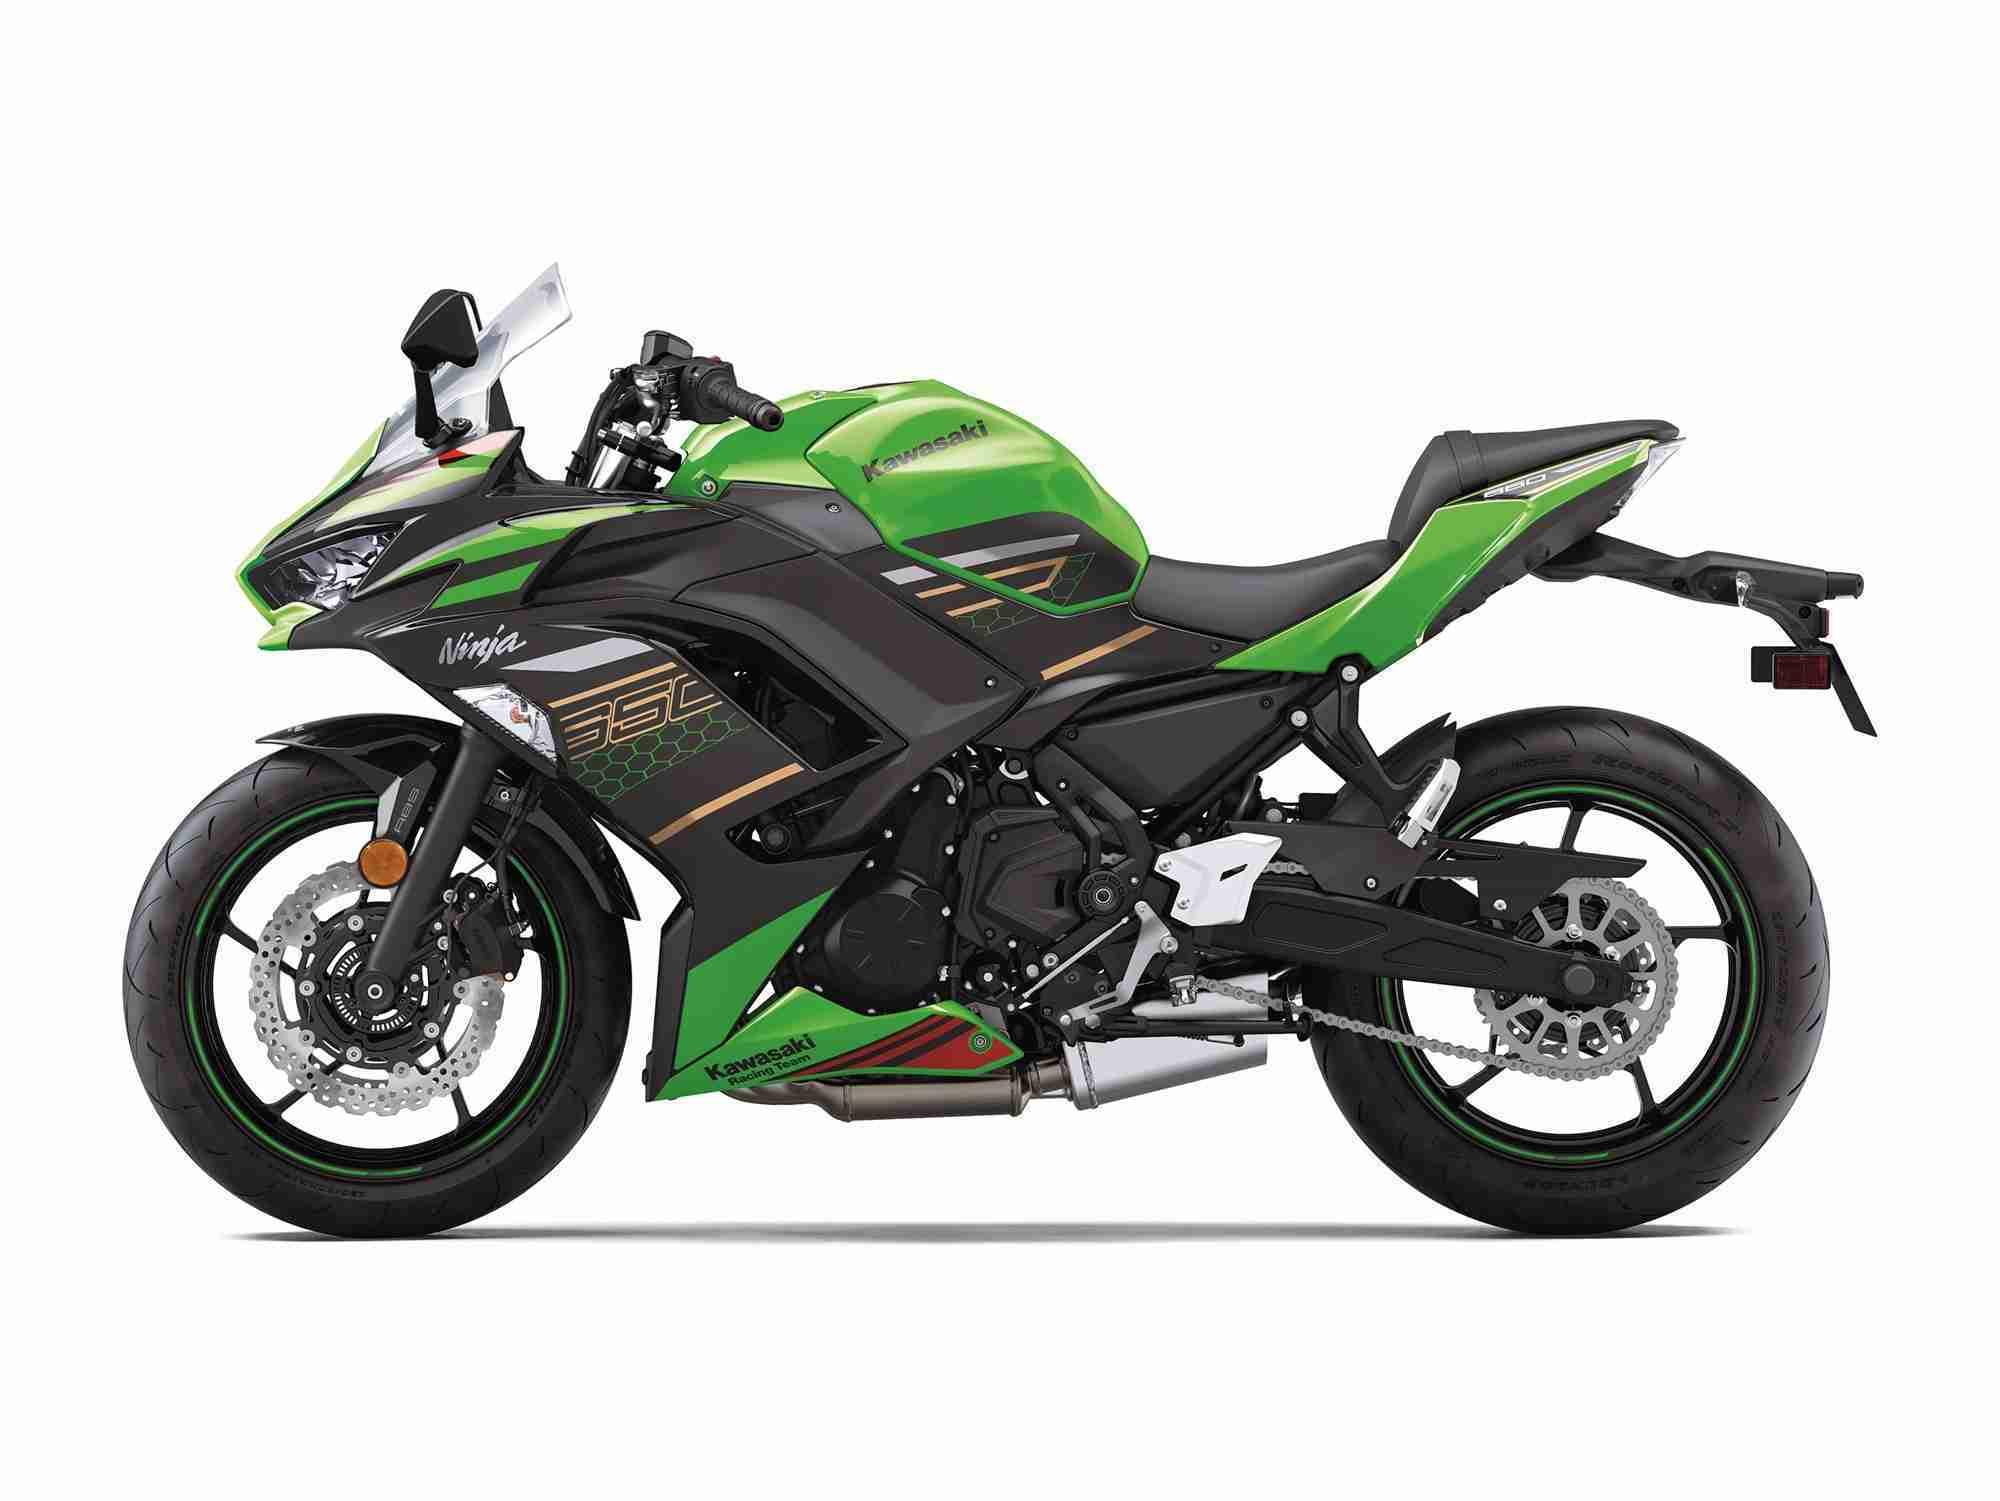 2020 Kawasaki Ninja 650 HD black colour option